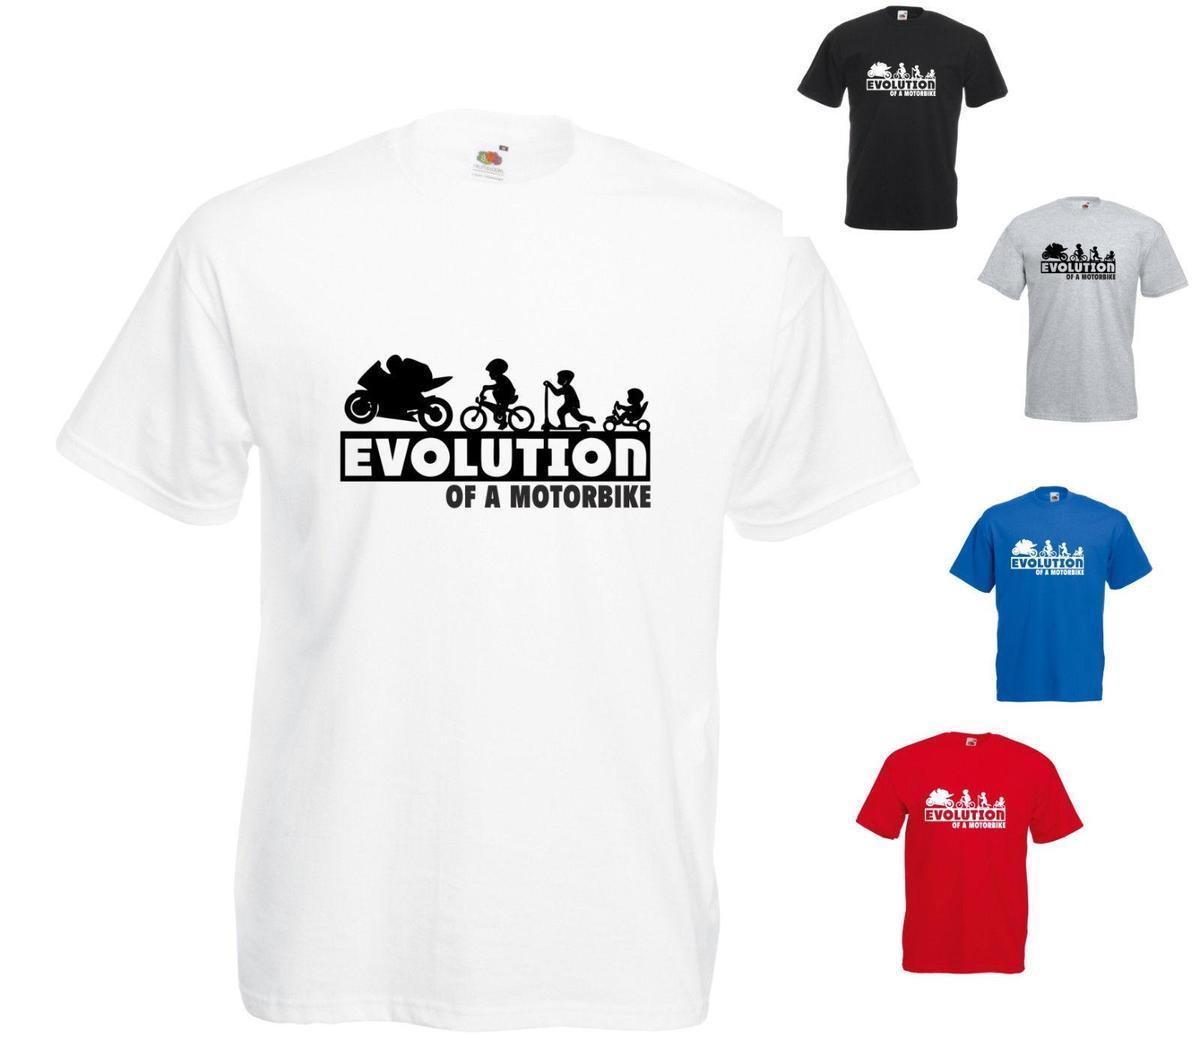 b4c9f79ee7 Großhandel Evolution Eines Motorrads Bedrucktes T Shirt Für Erwachsene Und  Kindergrößen Von Yuxin02, $12.18 Auf De.Dhgate.Com | Dhgate